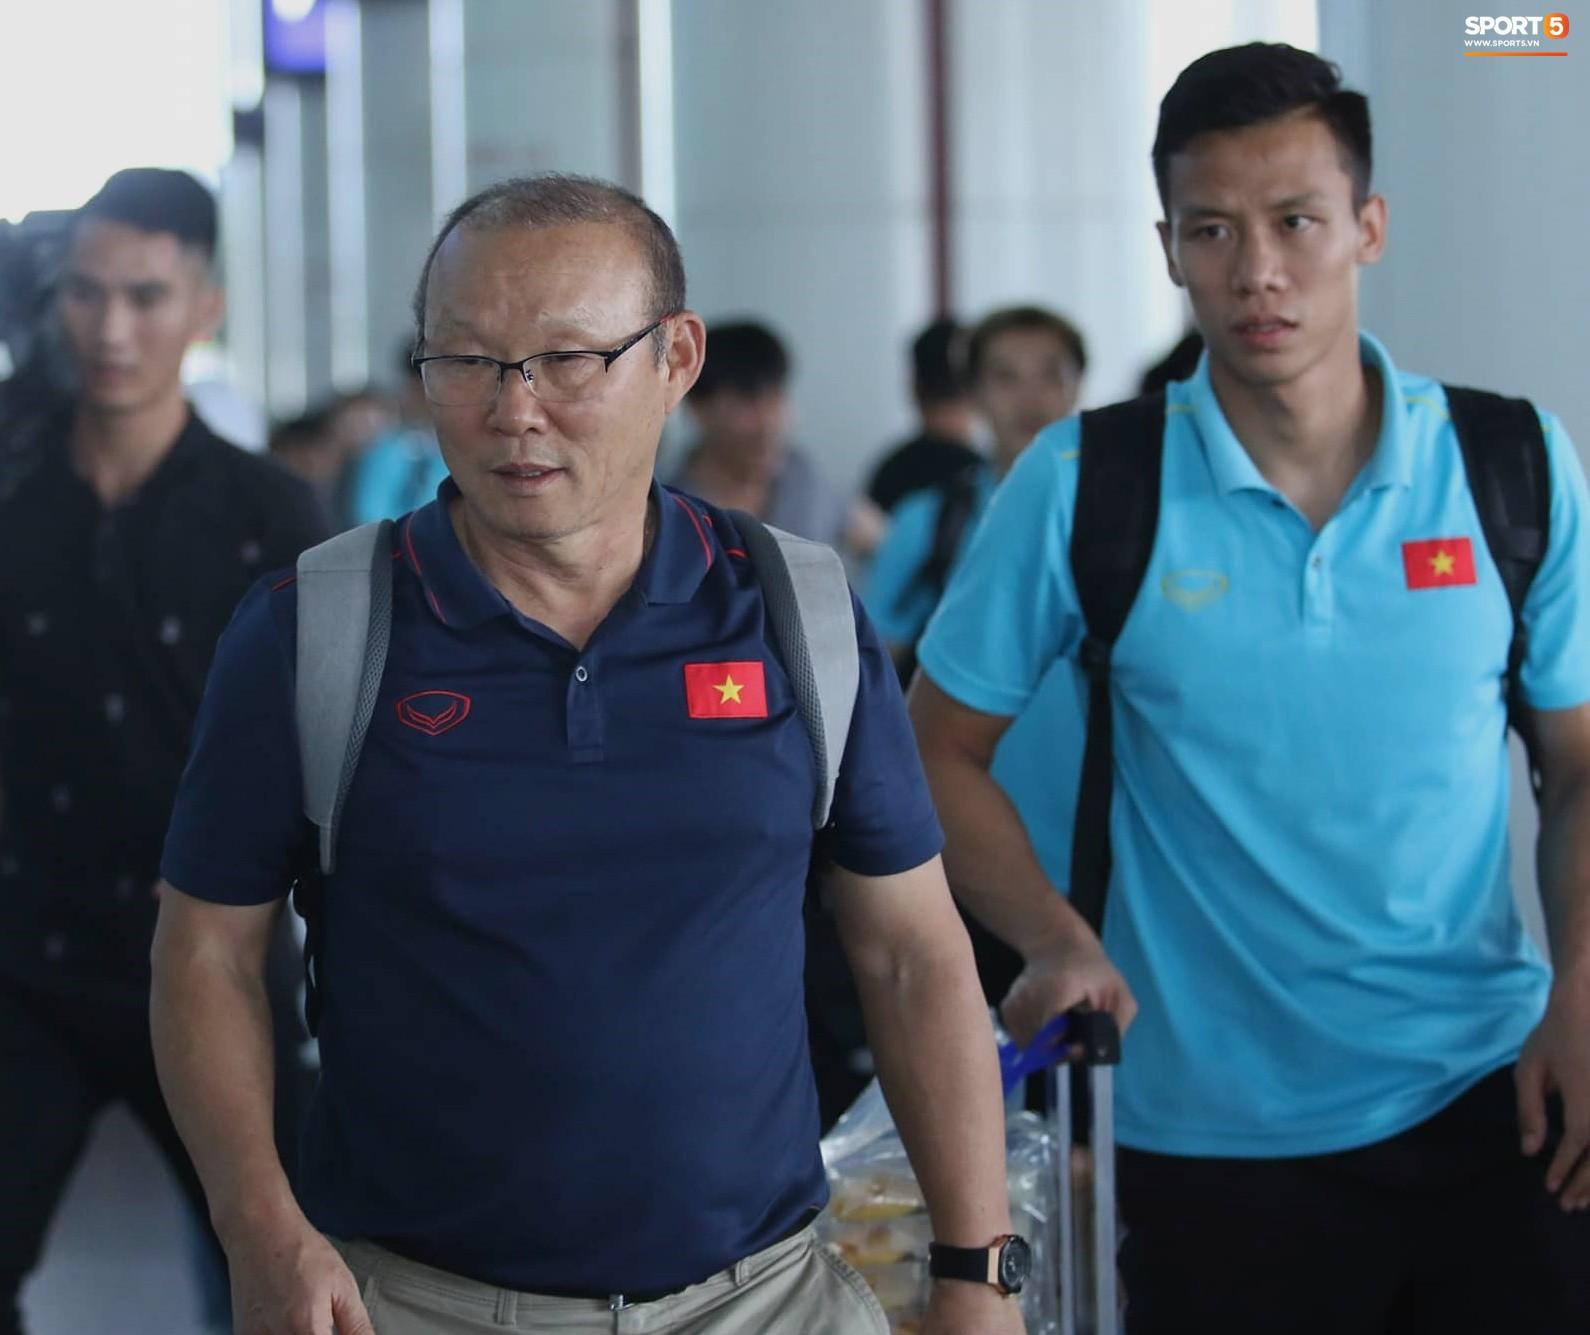 Sau Công Phượng, thêm ba cầu thủ của HAGL đánh lẻ ngay khi về tới Hà Nội - Ảnh 8.